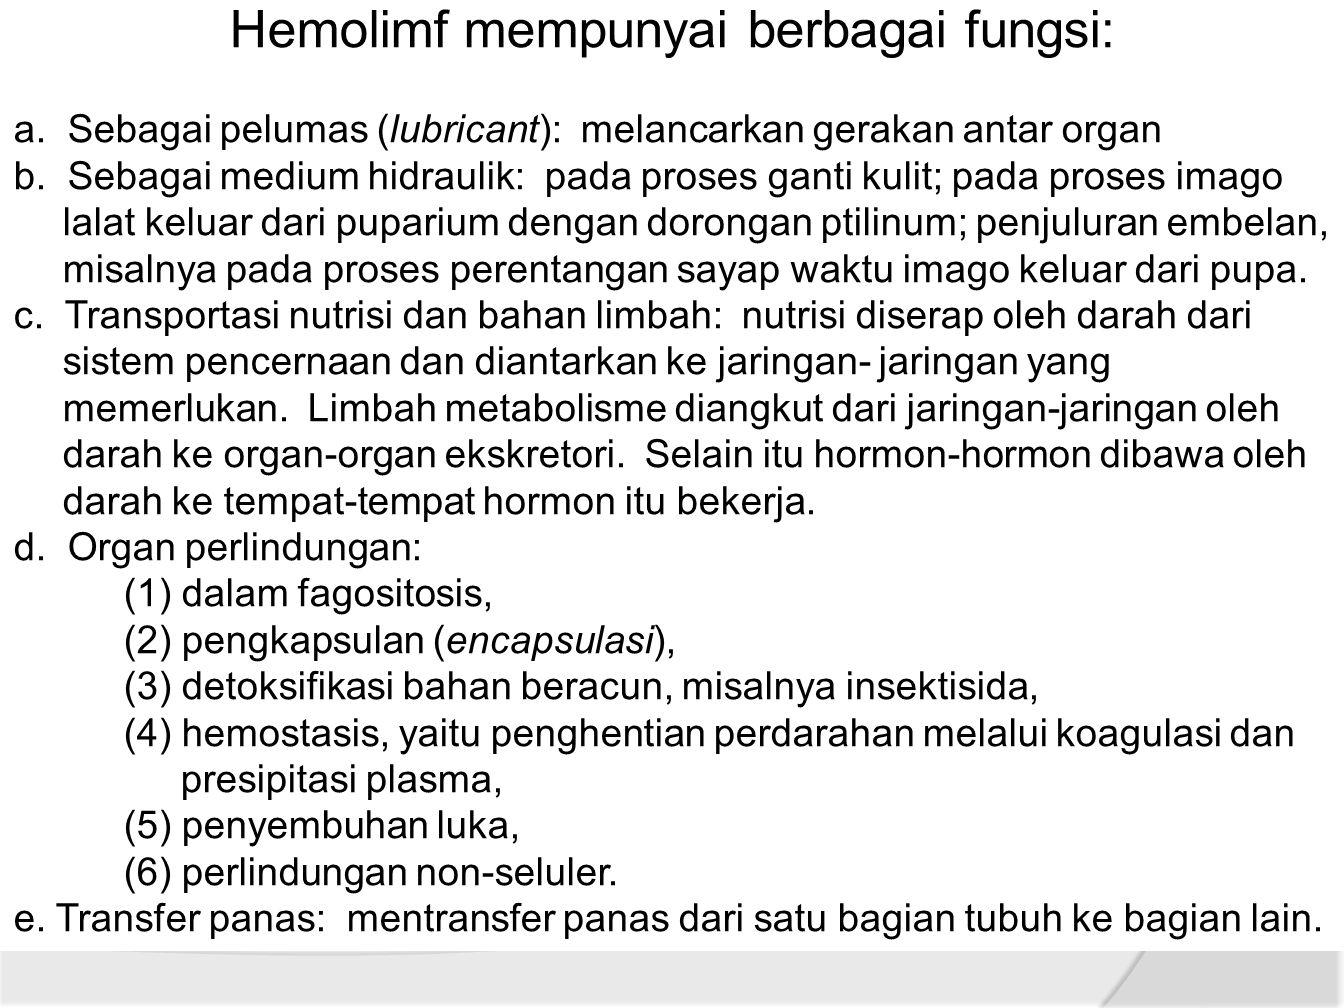 Hemolimf mempunyai berbagai fungsi: